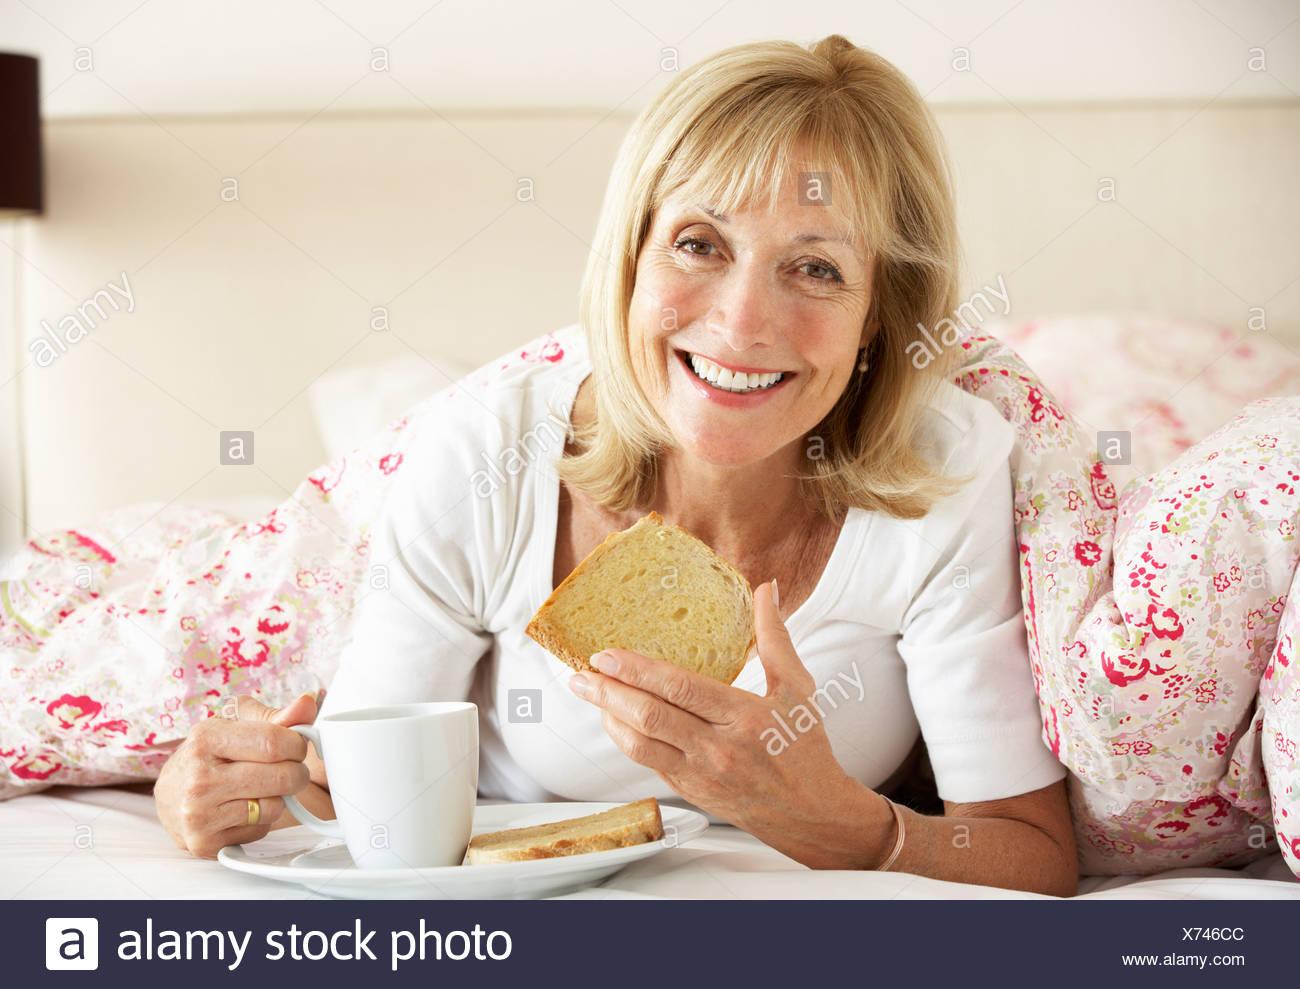 Senior Woman Snuggled Under Duvet Eating Breakfast - Stock Image